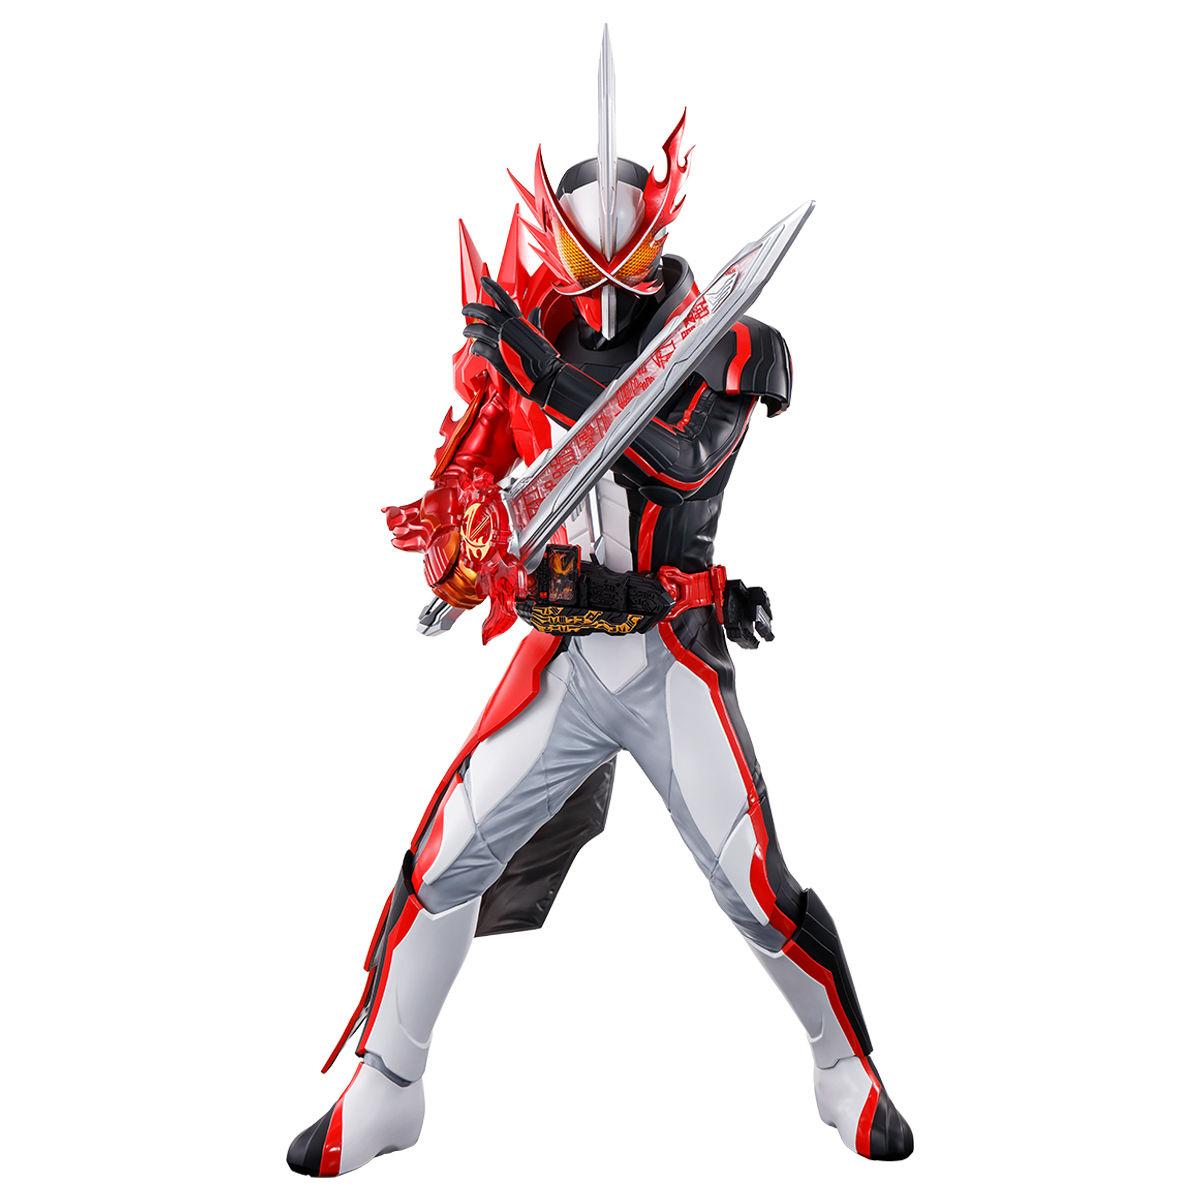 【限定販売】特大HEROES『仮面ライダーセイバー ブレイブドラゴン』完成品フィギュア-001